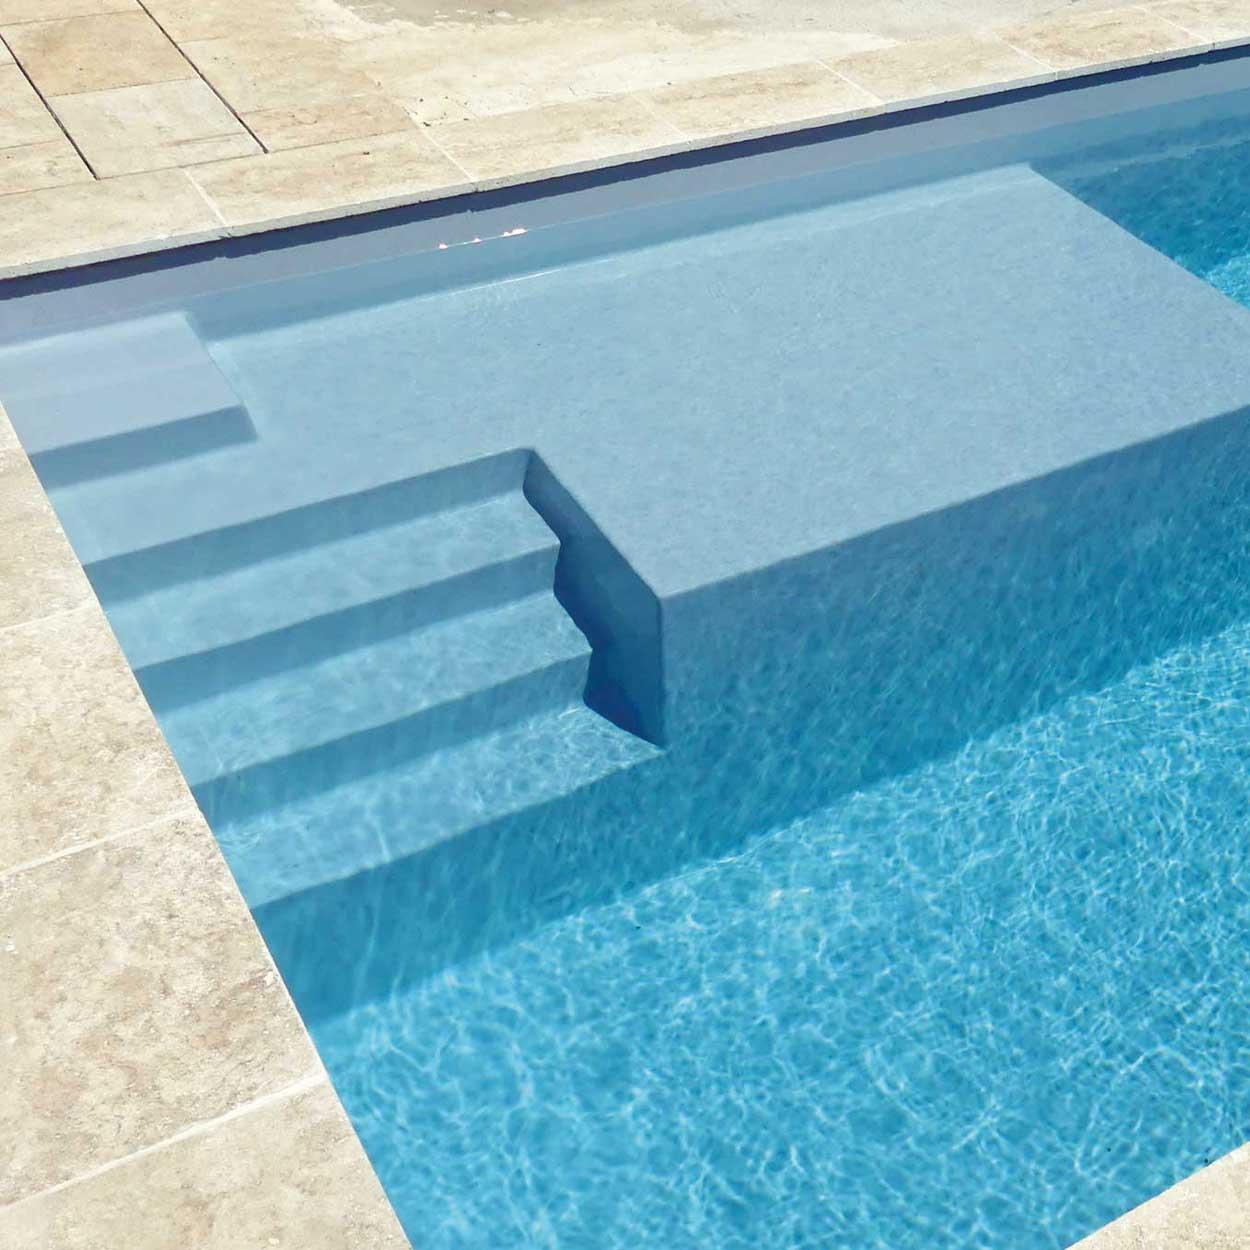 realisation-piscine-coque-plage-canet-1 Modèle Canet Plage